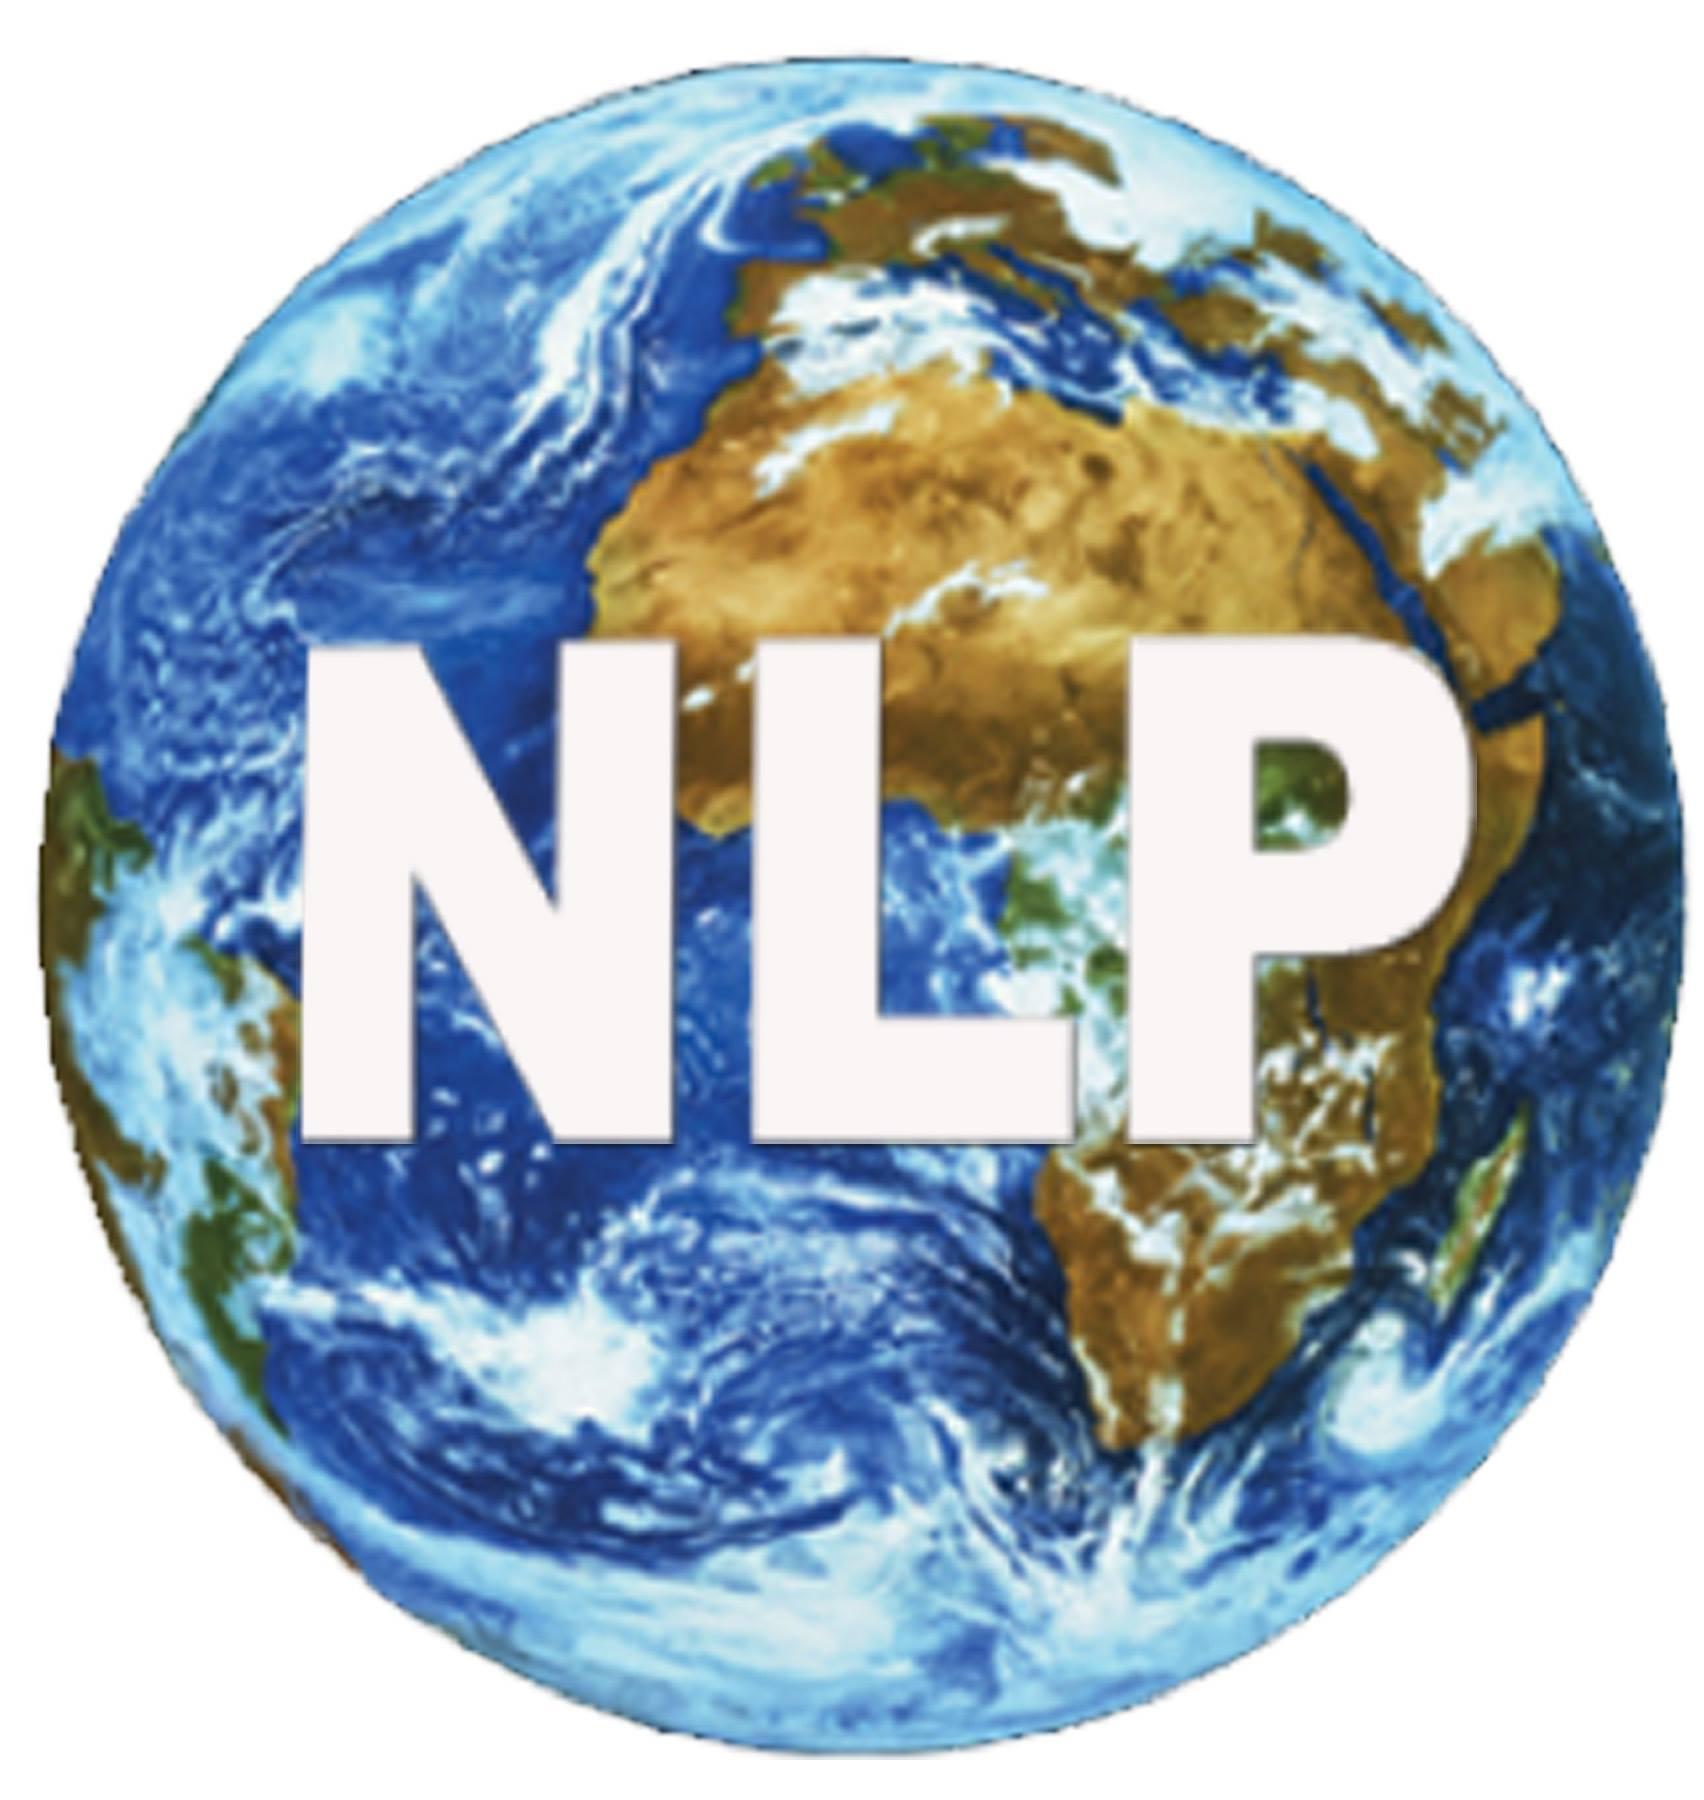 דדמיון מודרך nlp,דמיון מודרך nlp מטפלים,NLP מהו זה,nlp טיפול,טיפול בדמיון מודרך, שיטת NLP,שיטת nlp,מדיטציה בדמיון מודרך,תת מודע,טיפול אלטרנטיבי,טיפול רגשי,טיפול פרטני,טיפול בתת מודע,דמיון מודרך מטפלים, דמיון מודרך nlp, שיטת NLP,NLP ודמיון מודרך,NLP טיפול,NLP MASTER,,אהובה קשת,NLP מה זה,תת מודע,